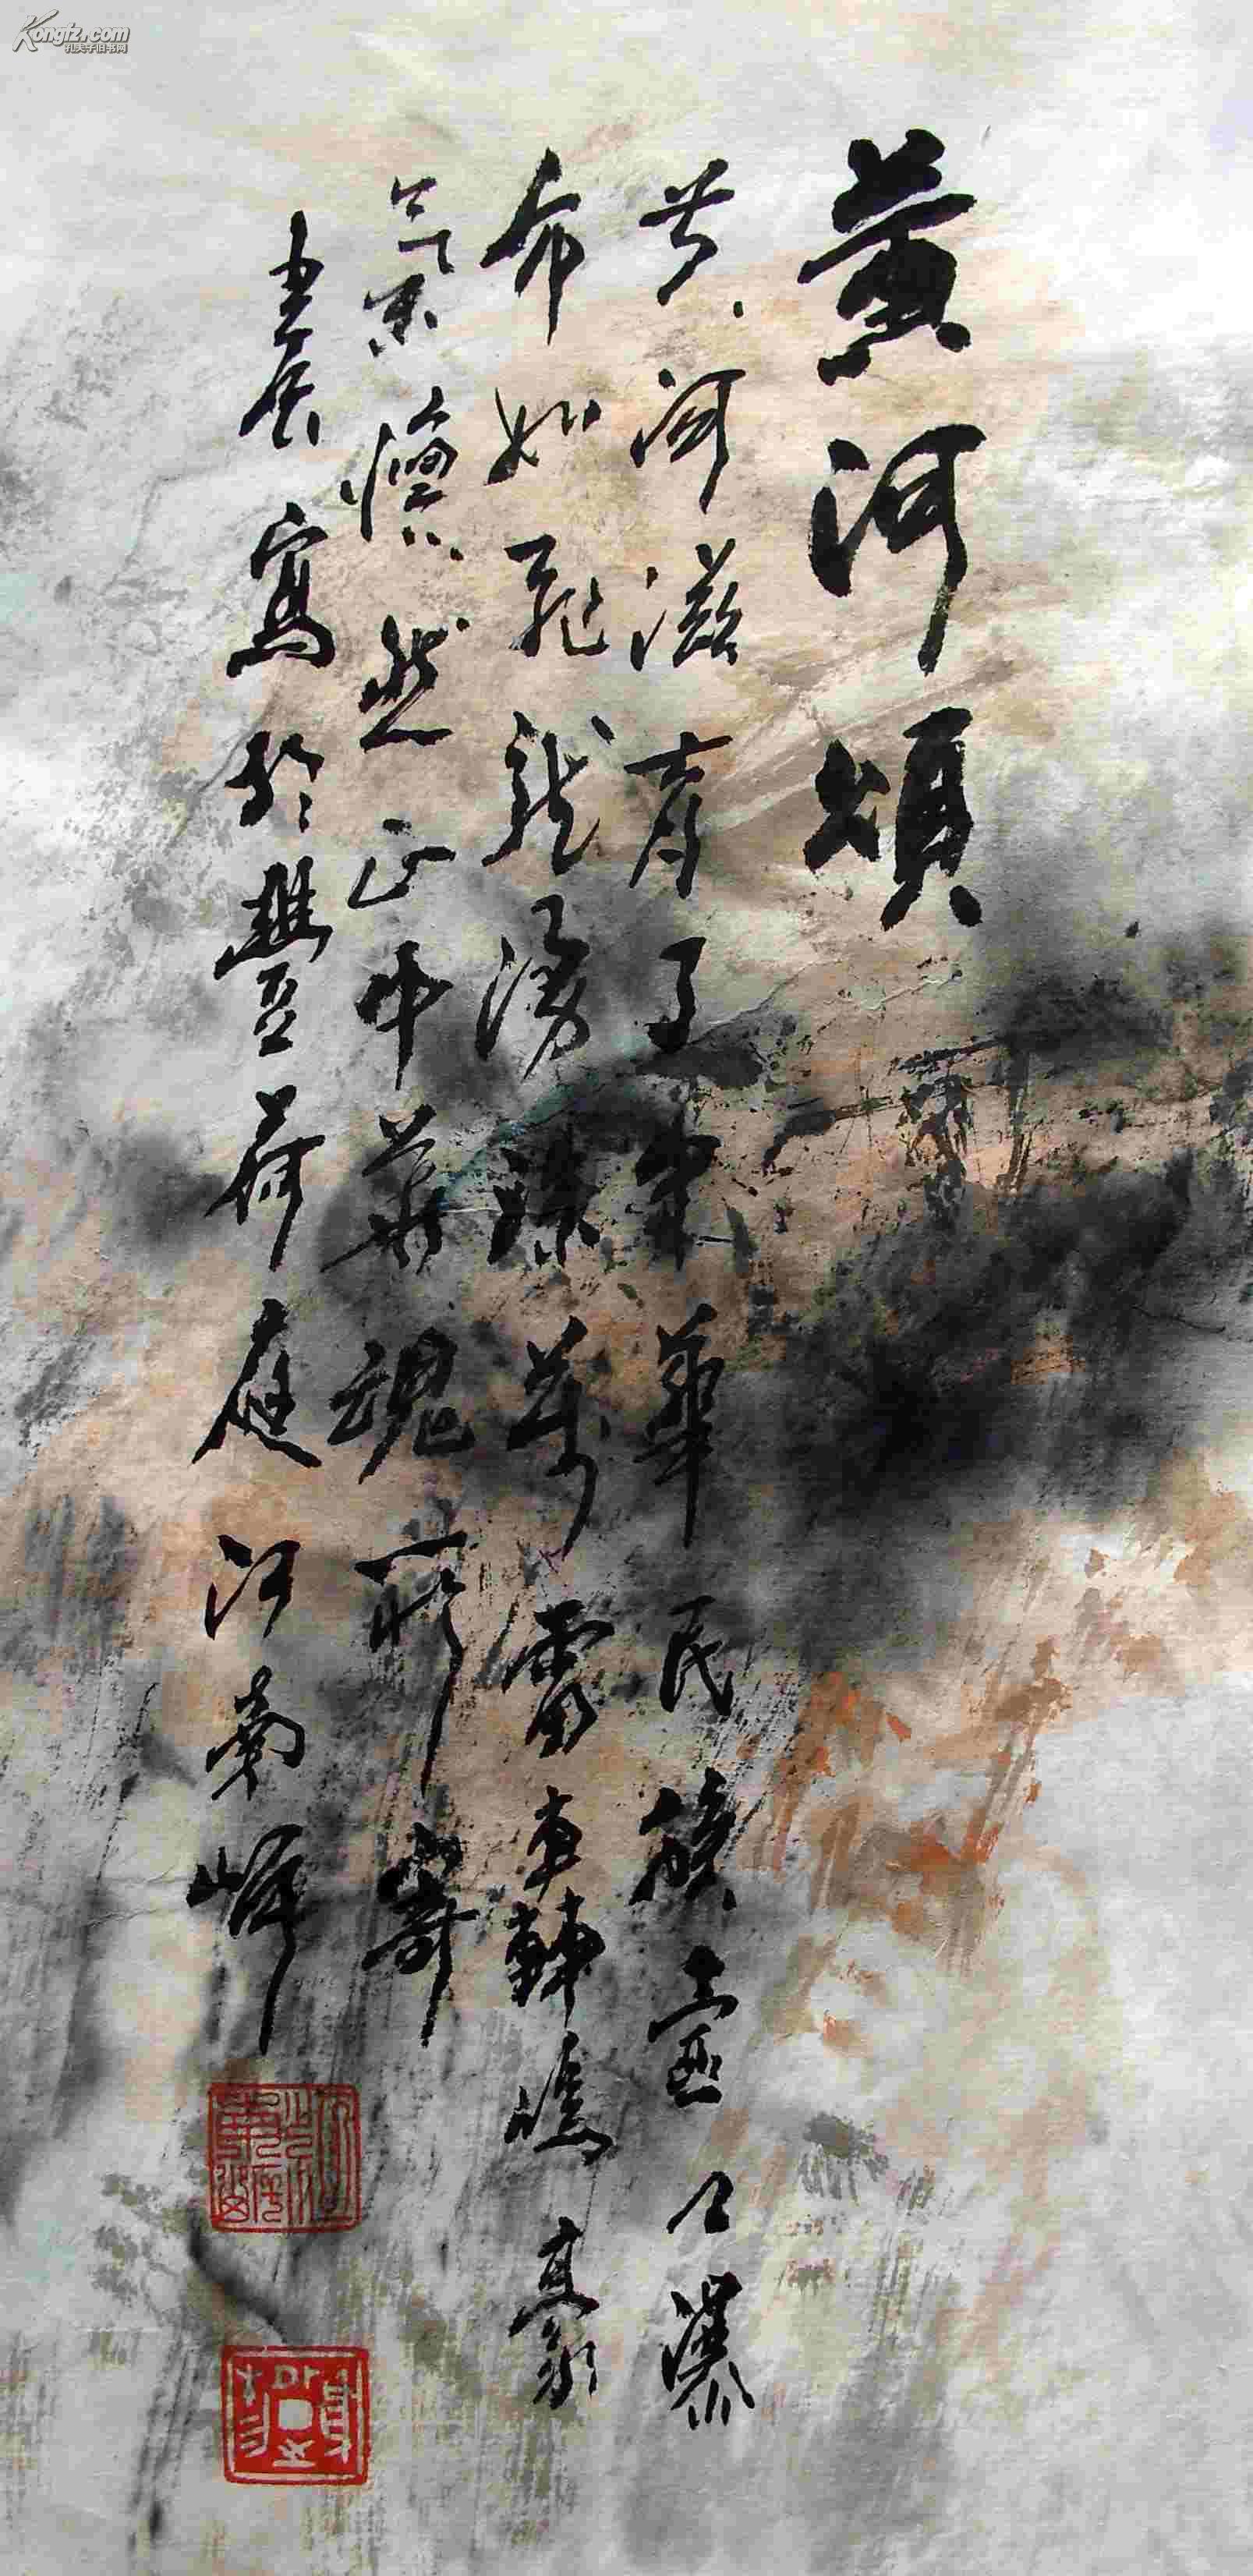 已发表的江南岸原创作品 黄河颂 江南 已发表的江南岸原高清图片